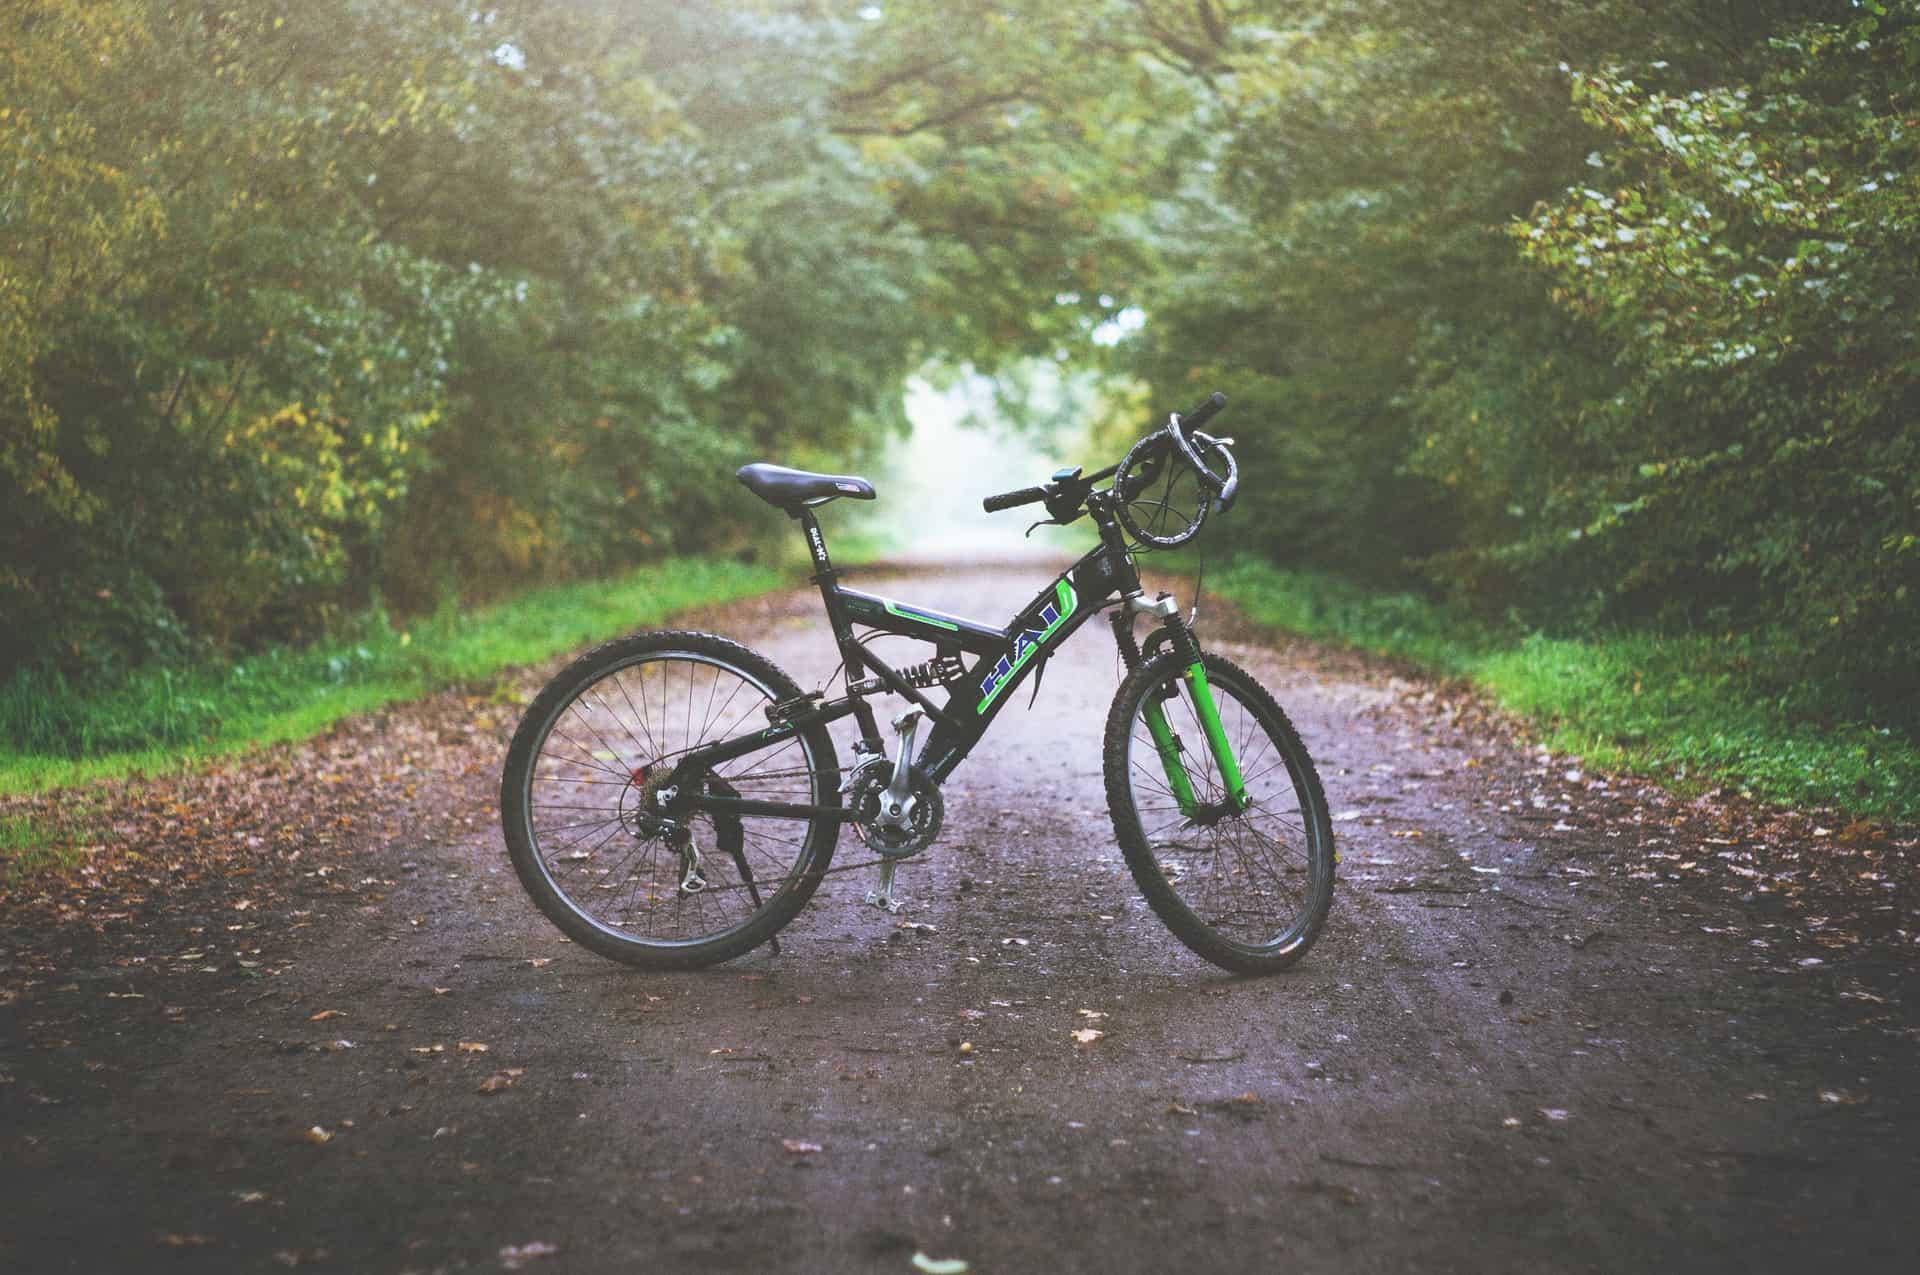 Bicicleta preta e verde parada em uma rua rodeada por árvores.